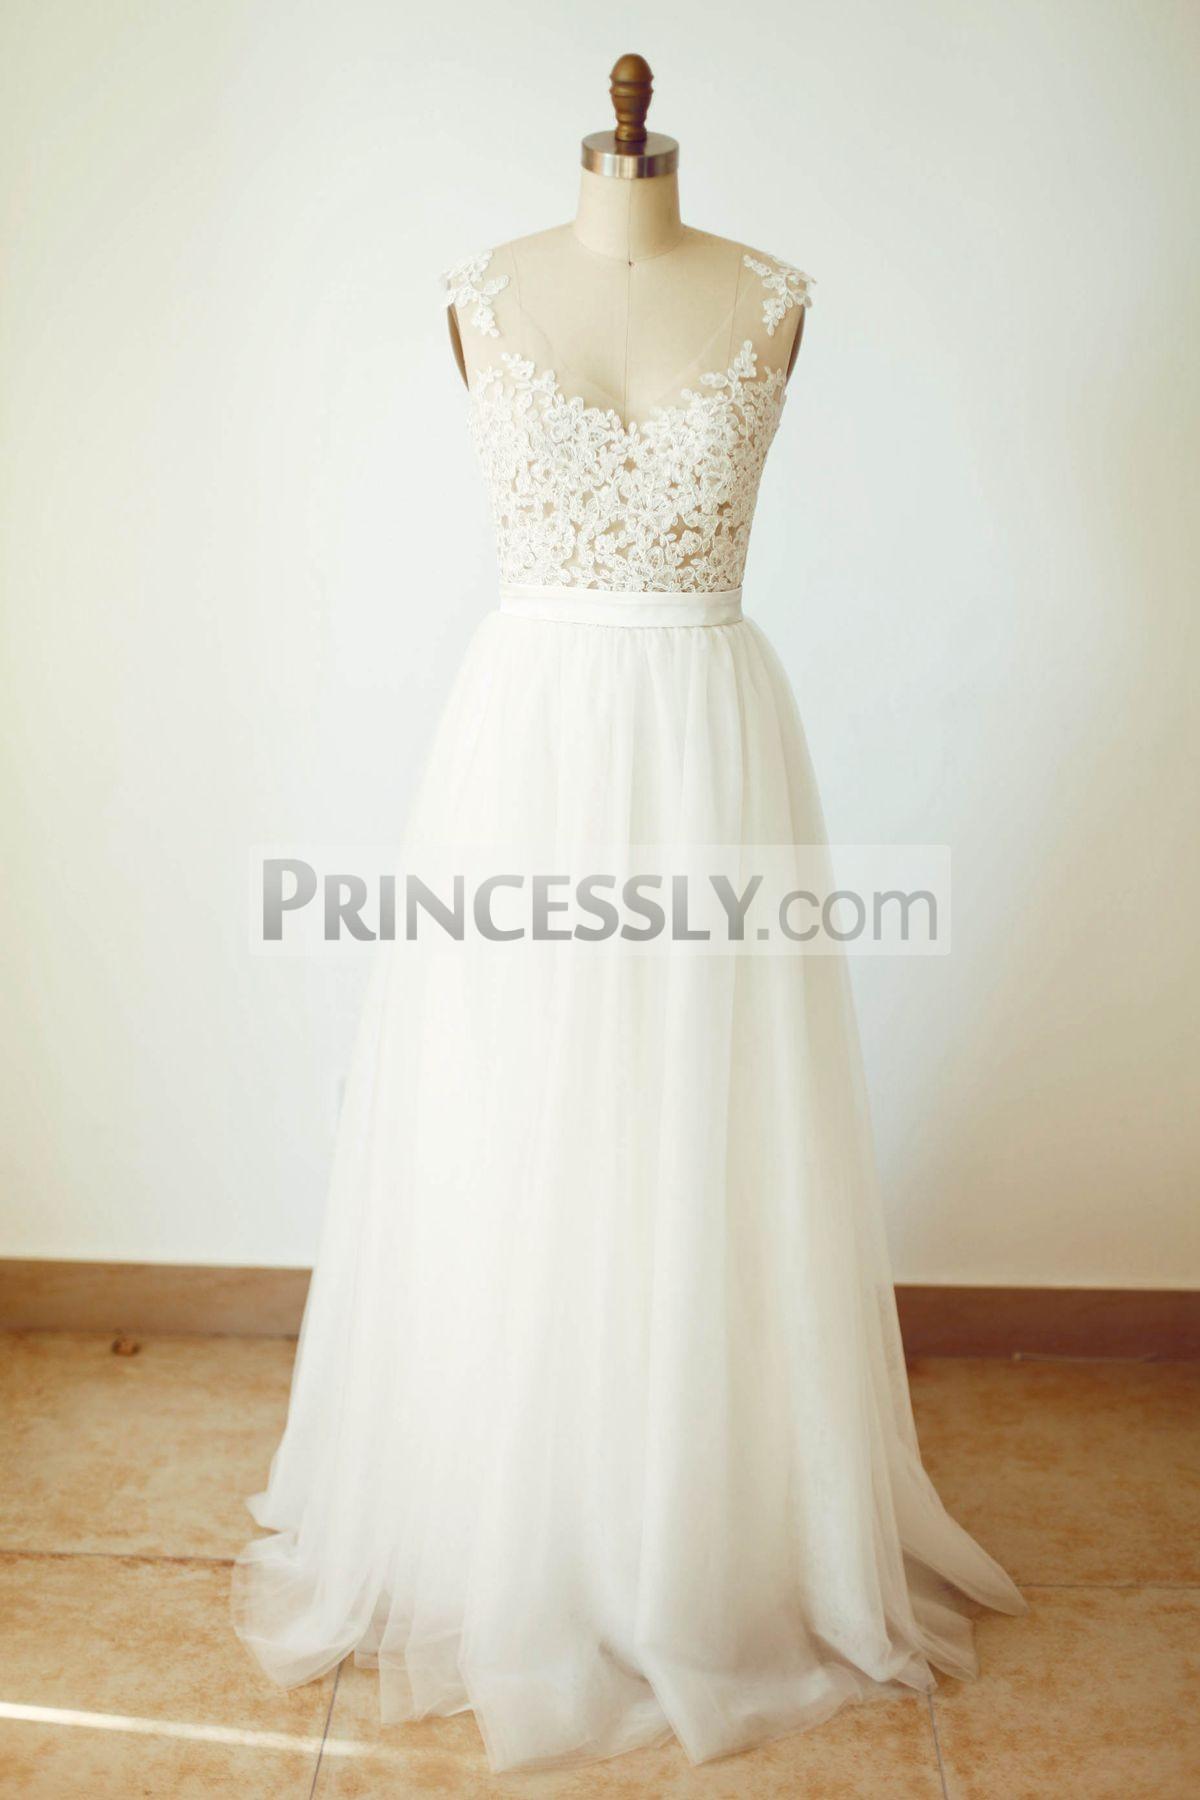 Princessly.com-K1000250-Sheer Tulle Lace Tulle Wedding Dress V Back Bridal Gown-31